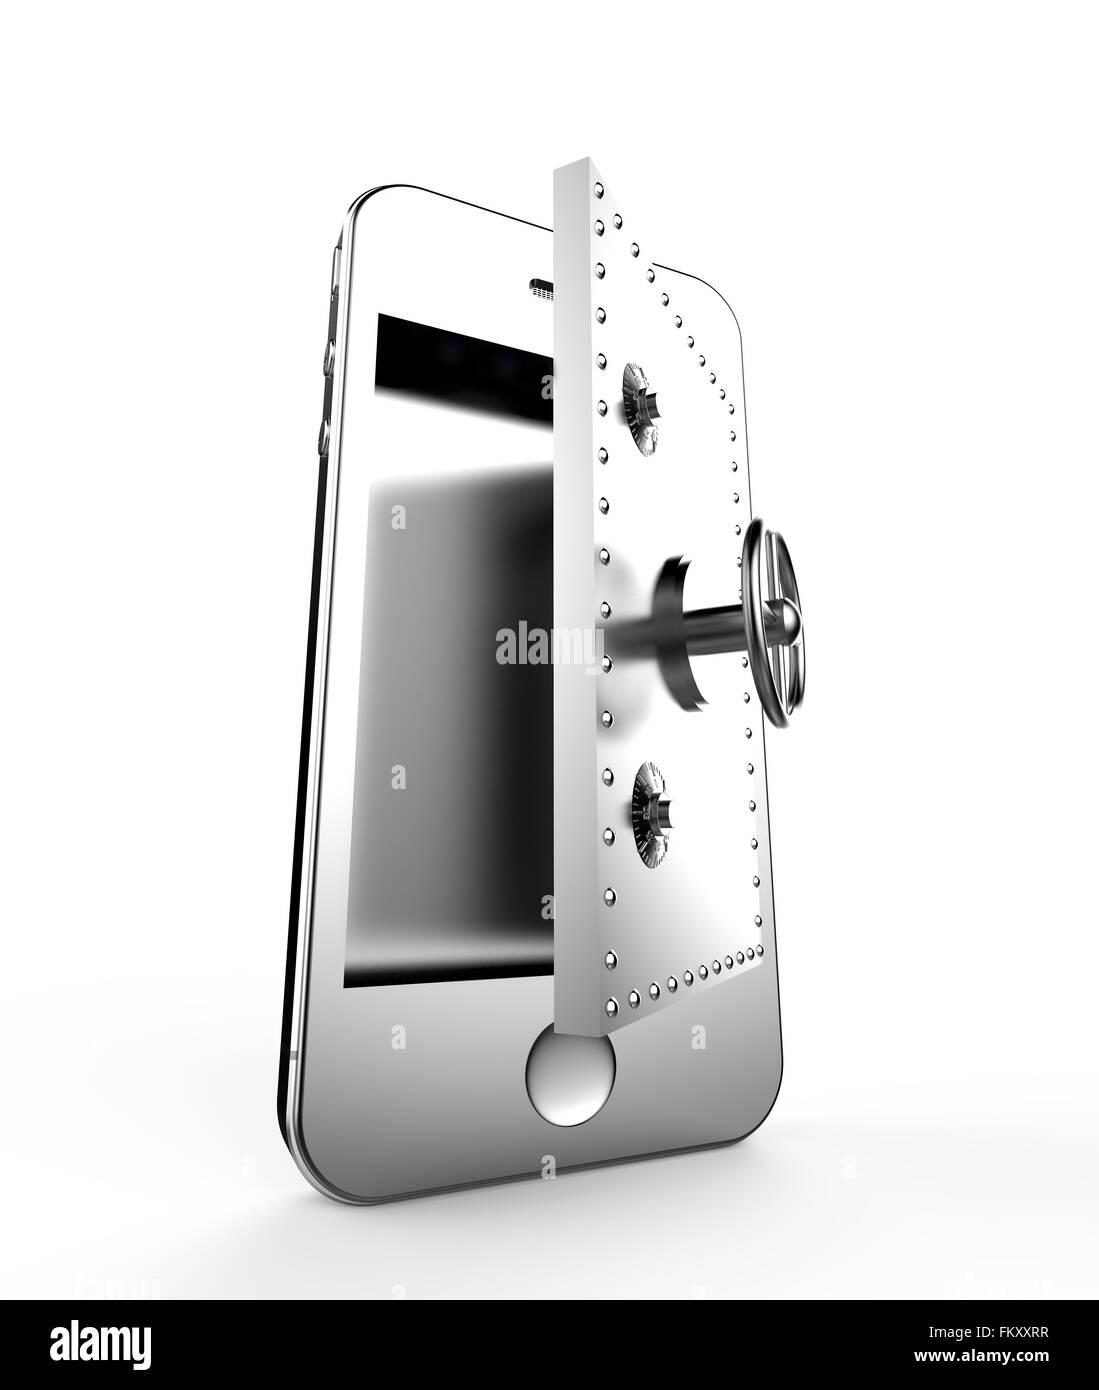 Aprire lo sportello della cassetta di sicurezza in uno smartphone: concetto di sicurezza Immagini Stock